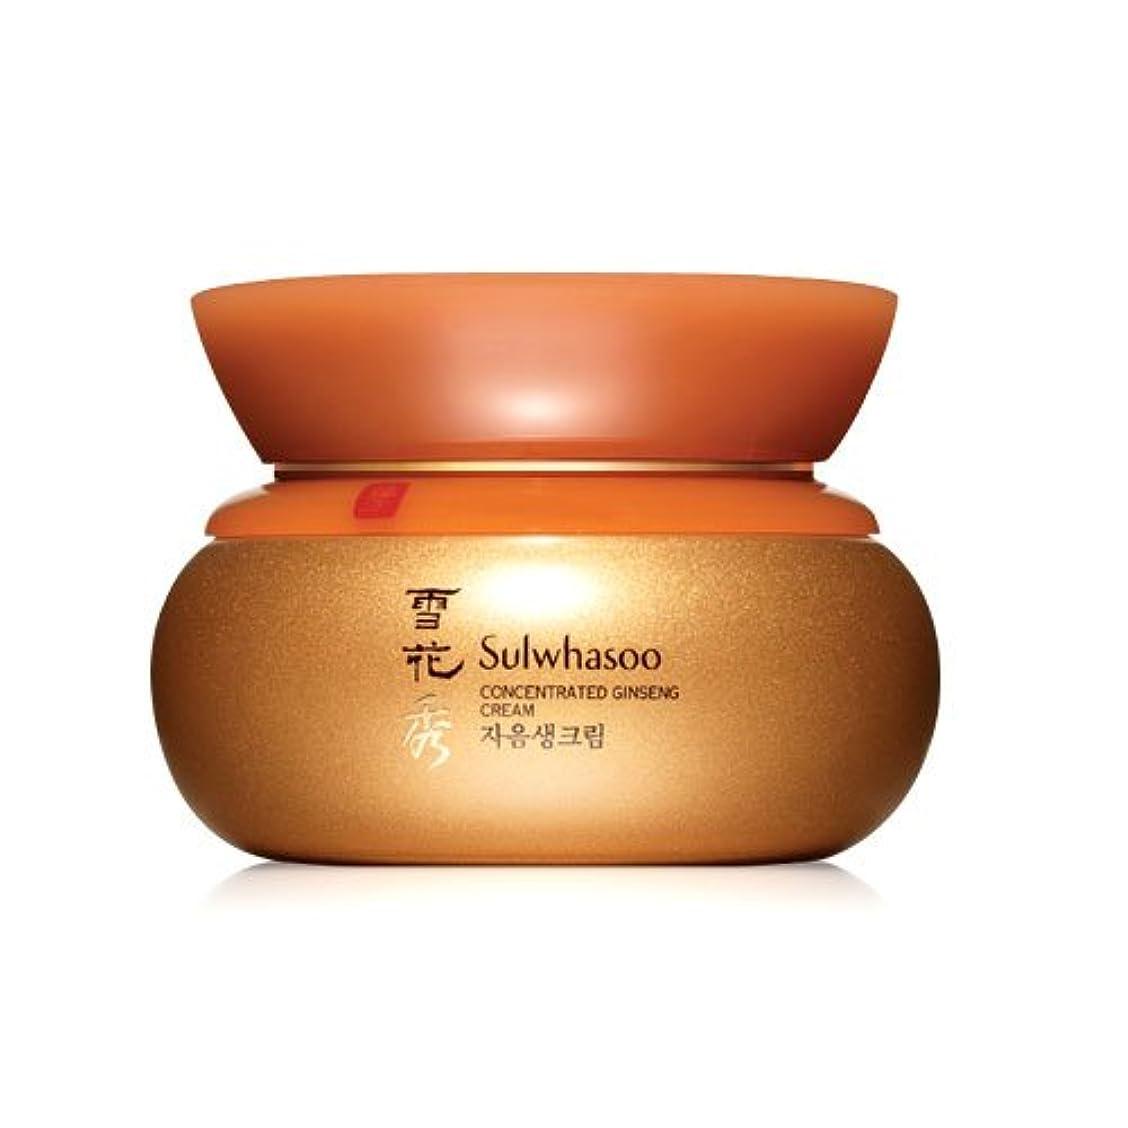 漂流皮寄り添う雪花秀(ソルファス)韓方クリーム[滋陰生クリーム(Concentrated Ginseng Renewing Cream)]60ml